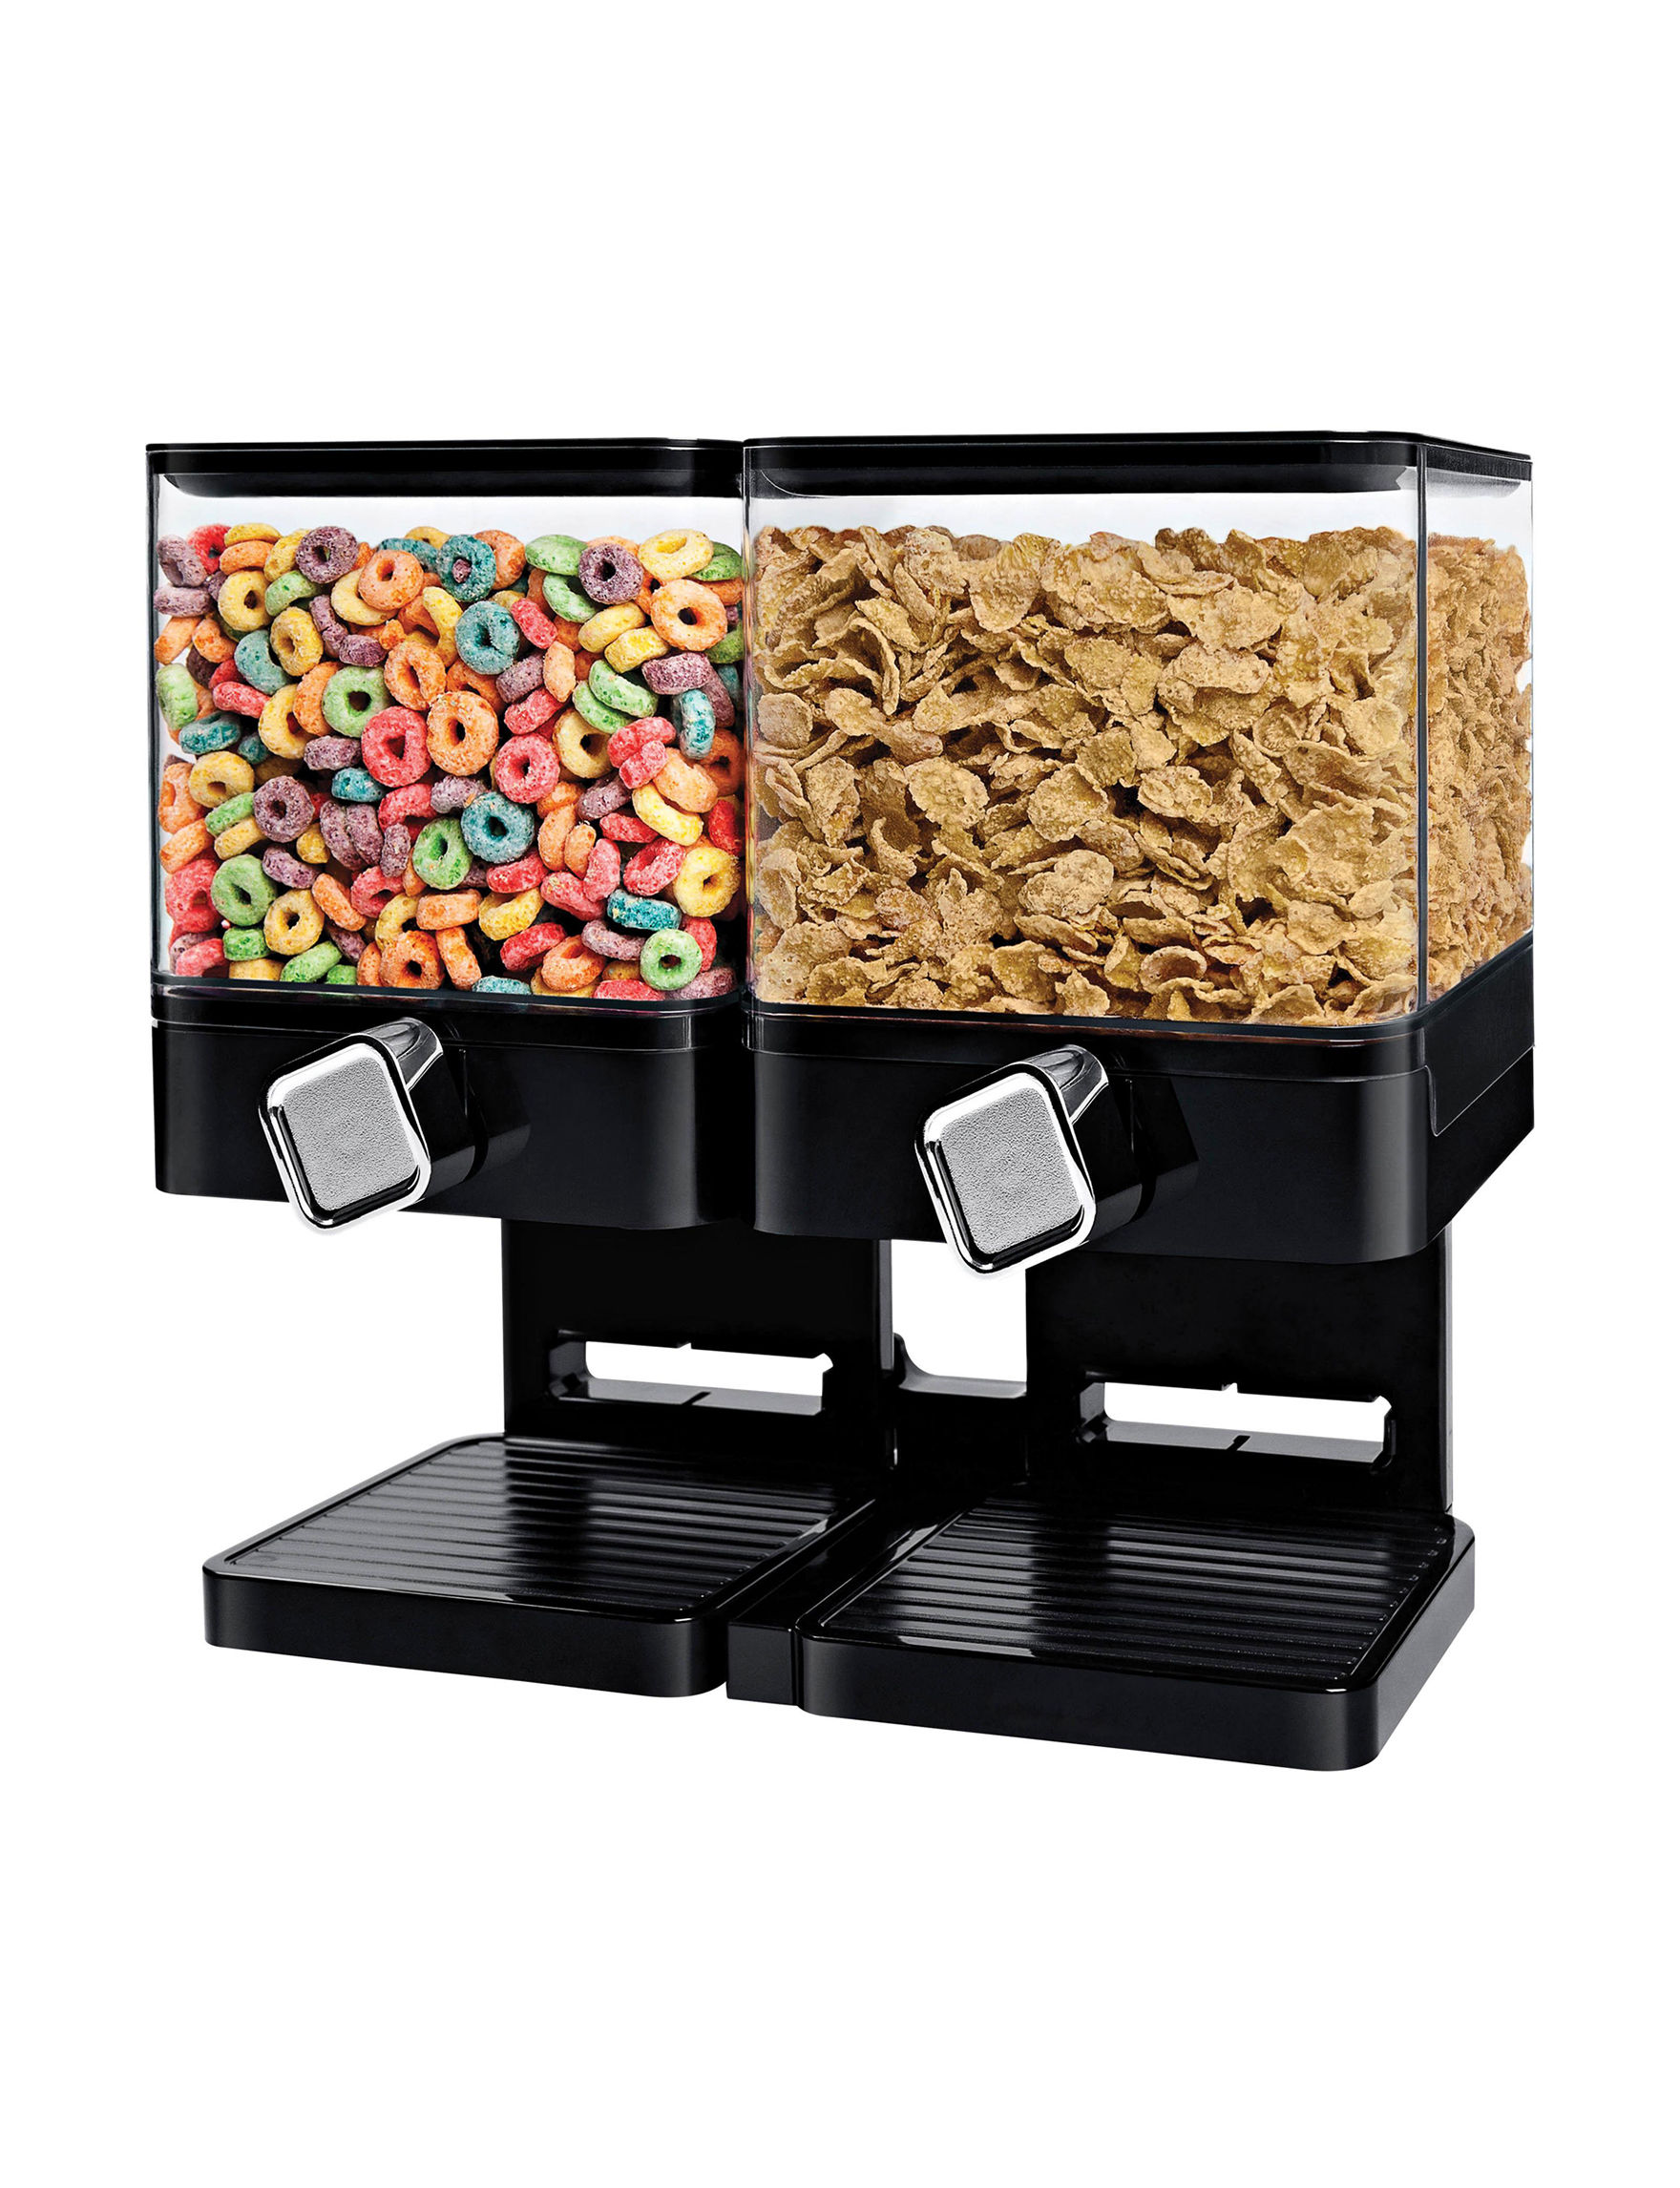 Honey-Can-Do International Black / Silver Food Storage Kitchen Storage & Organization